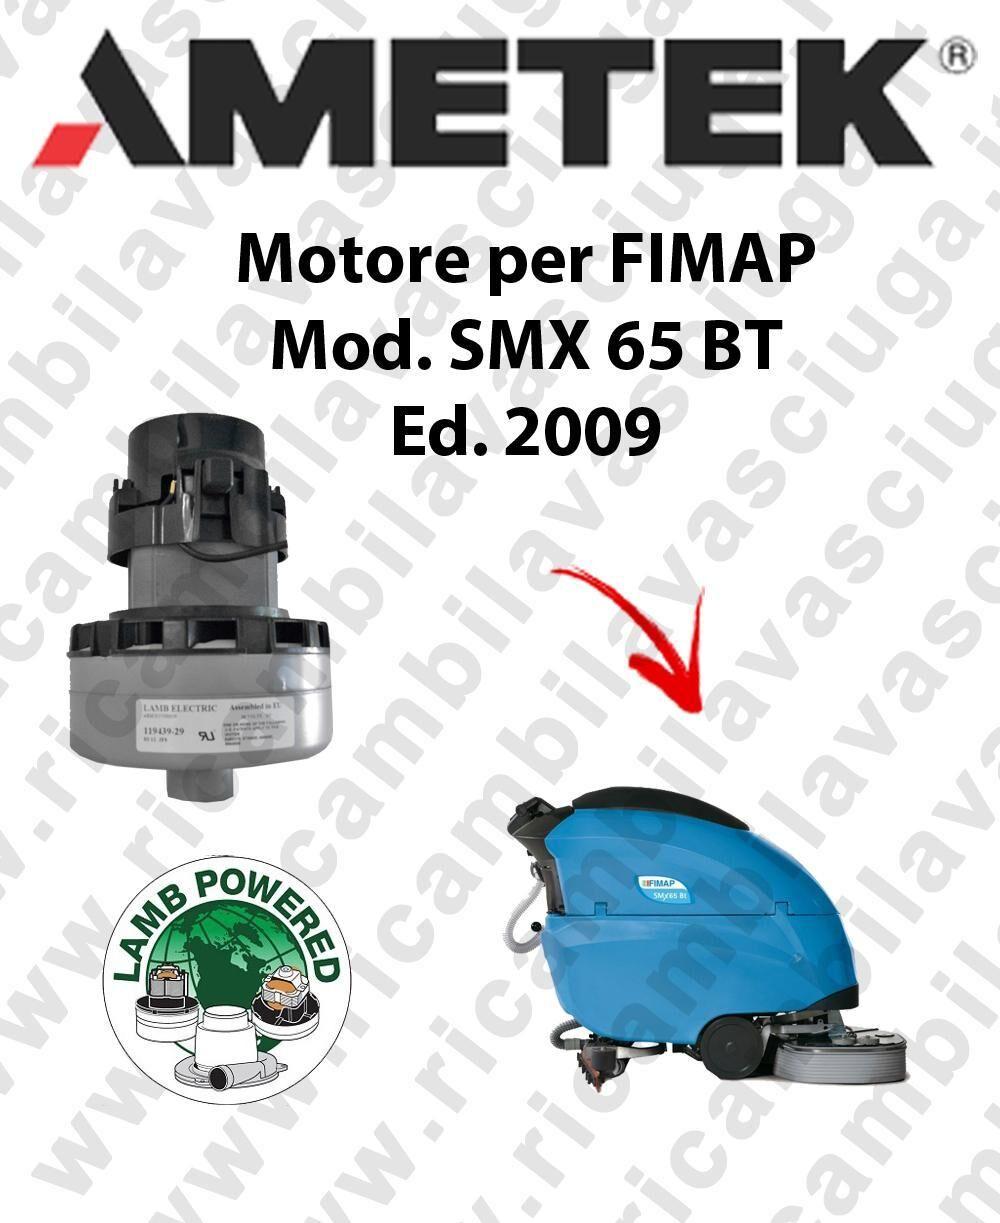 Fimap Motore LAMB AMETEK di aspirazione per lavapavimenti SMX 65 BT 2009